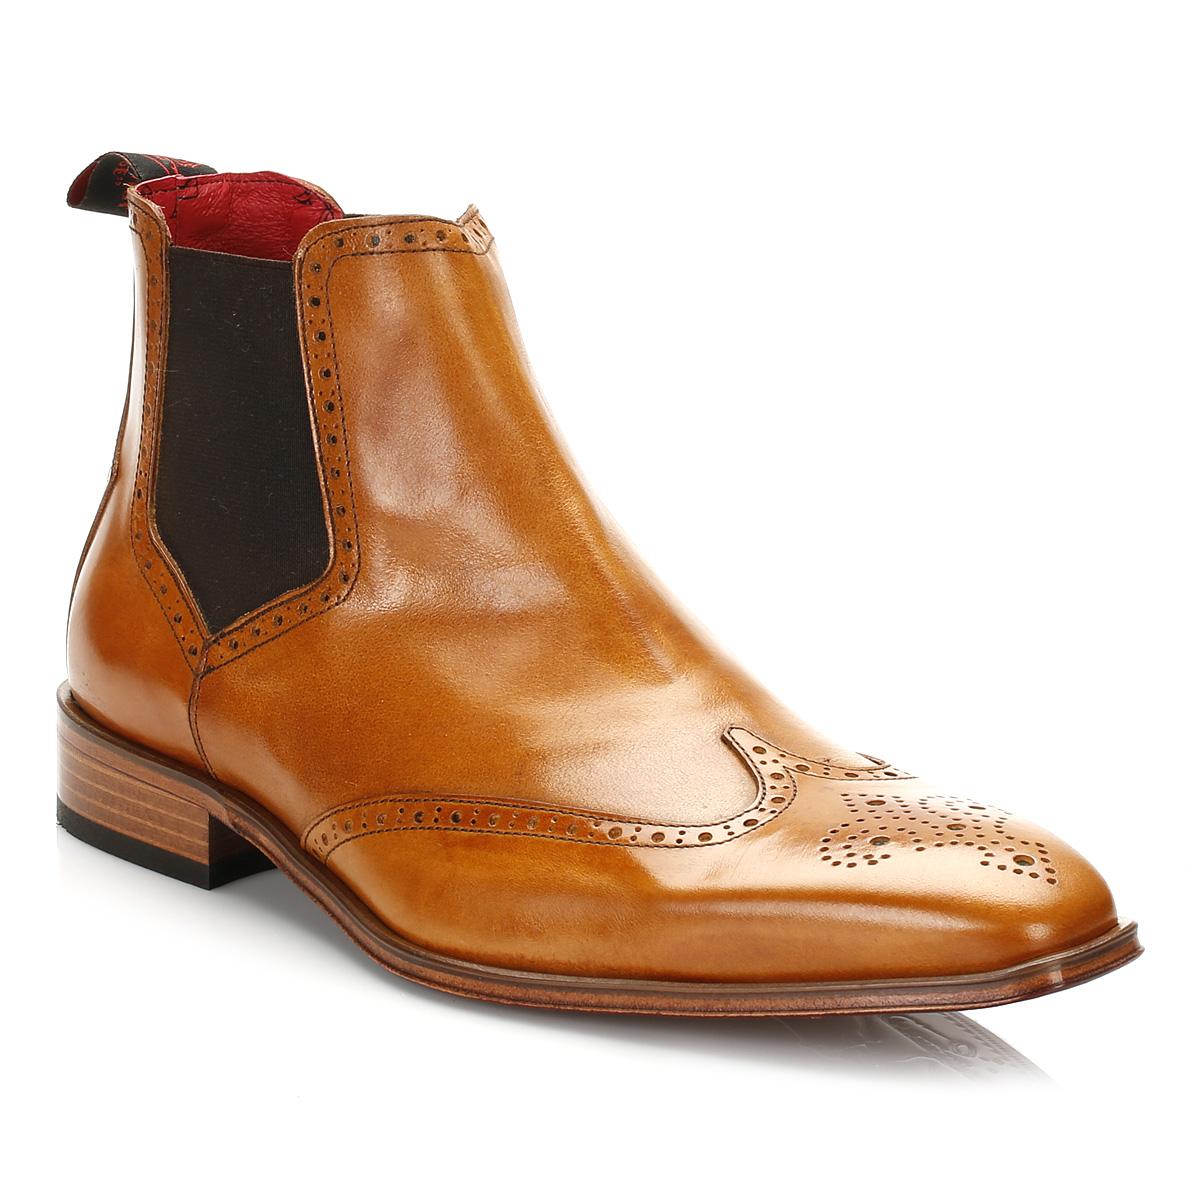 Men's shoes guide